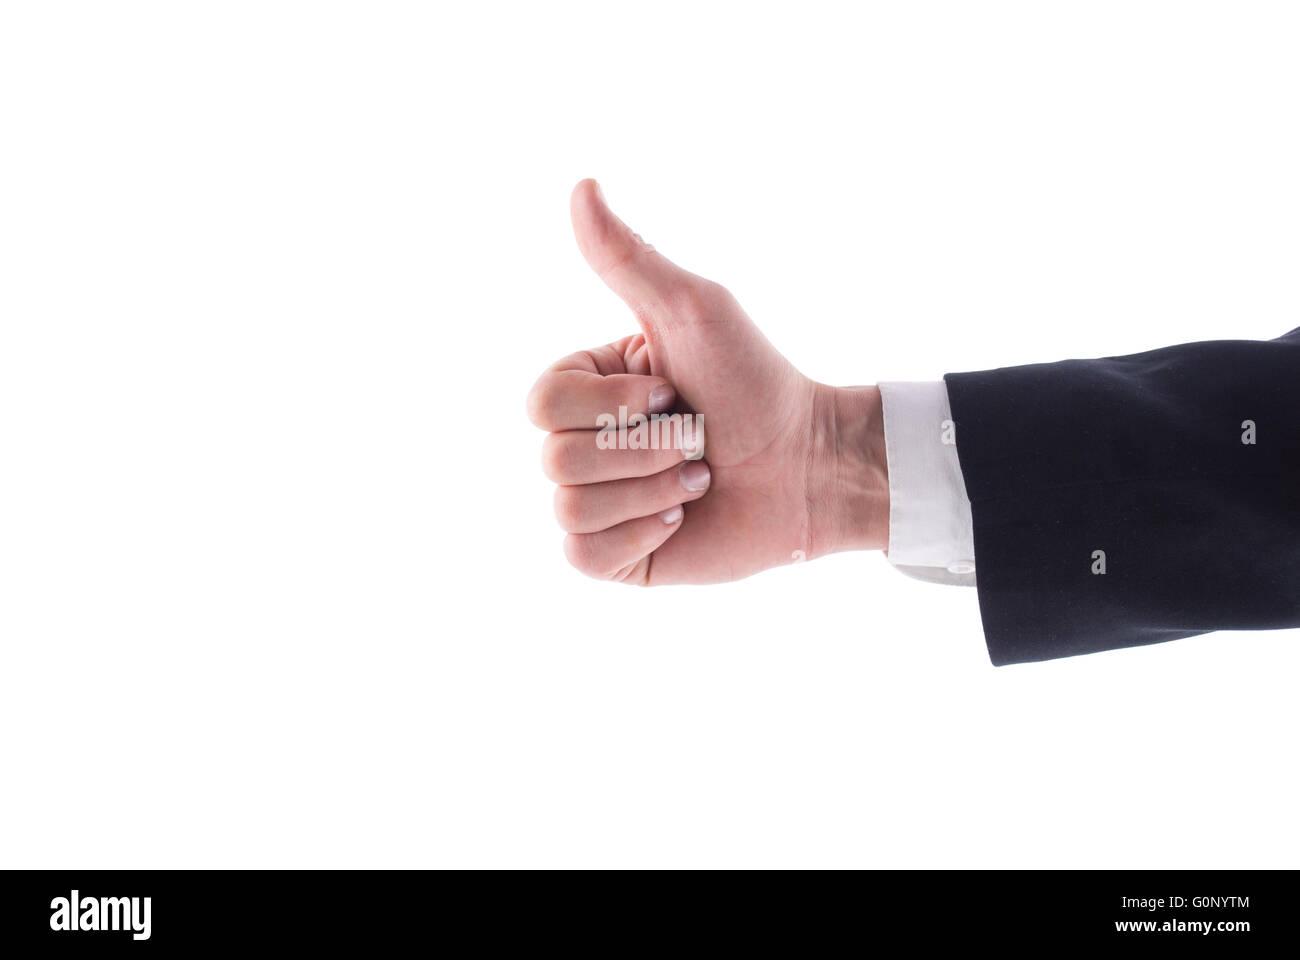 Hombre de mano en un traje dando un pulgar hacia arriba sobre fondo blanco. Imagen De Stock